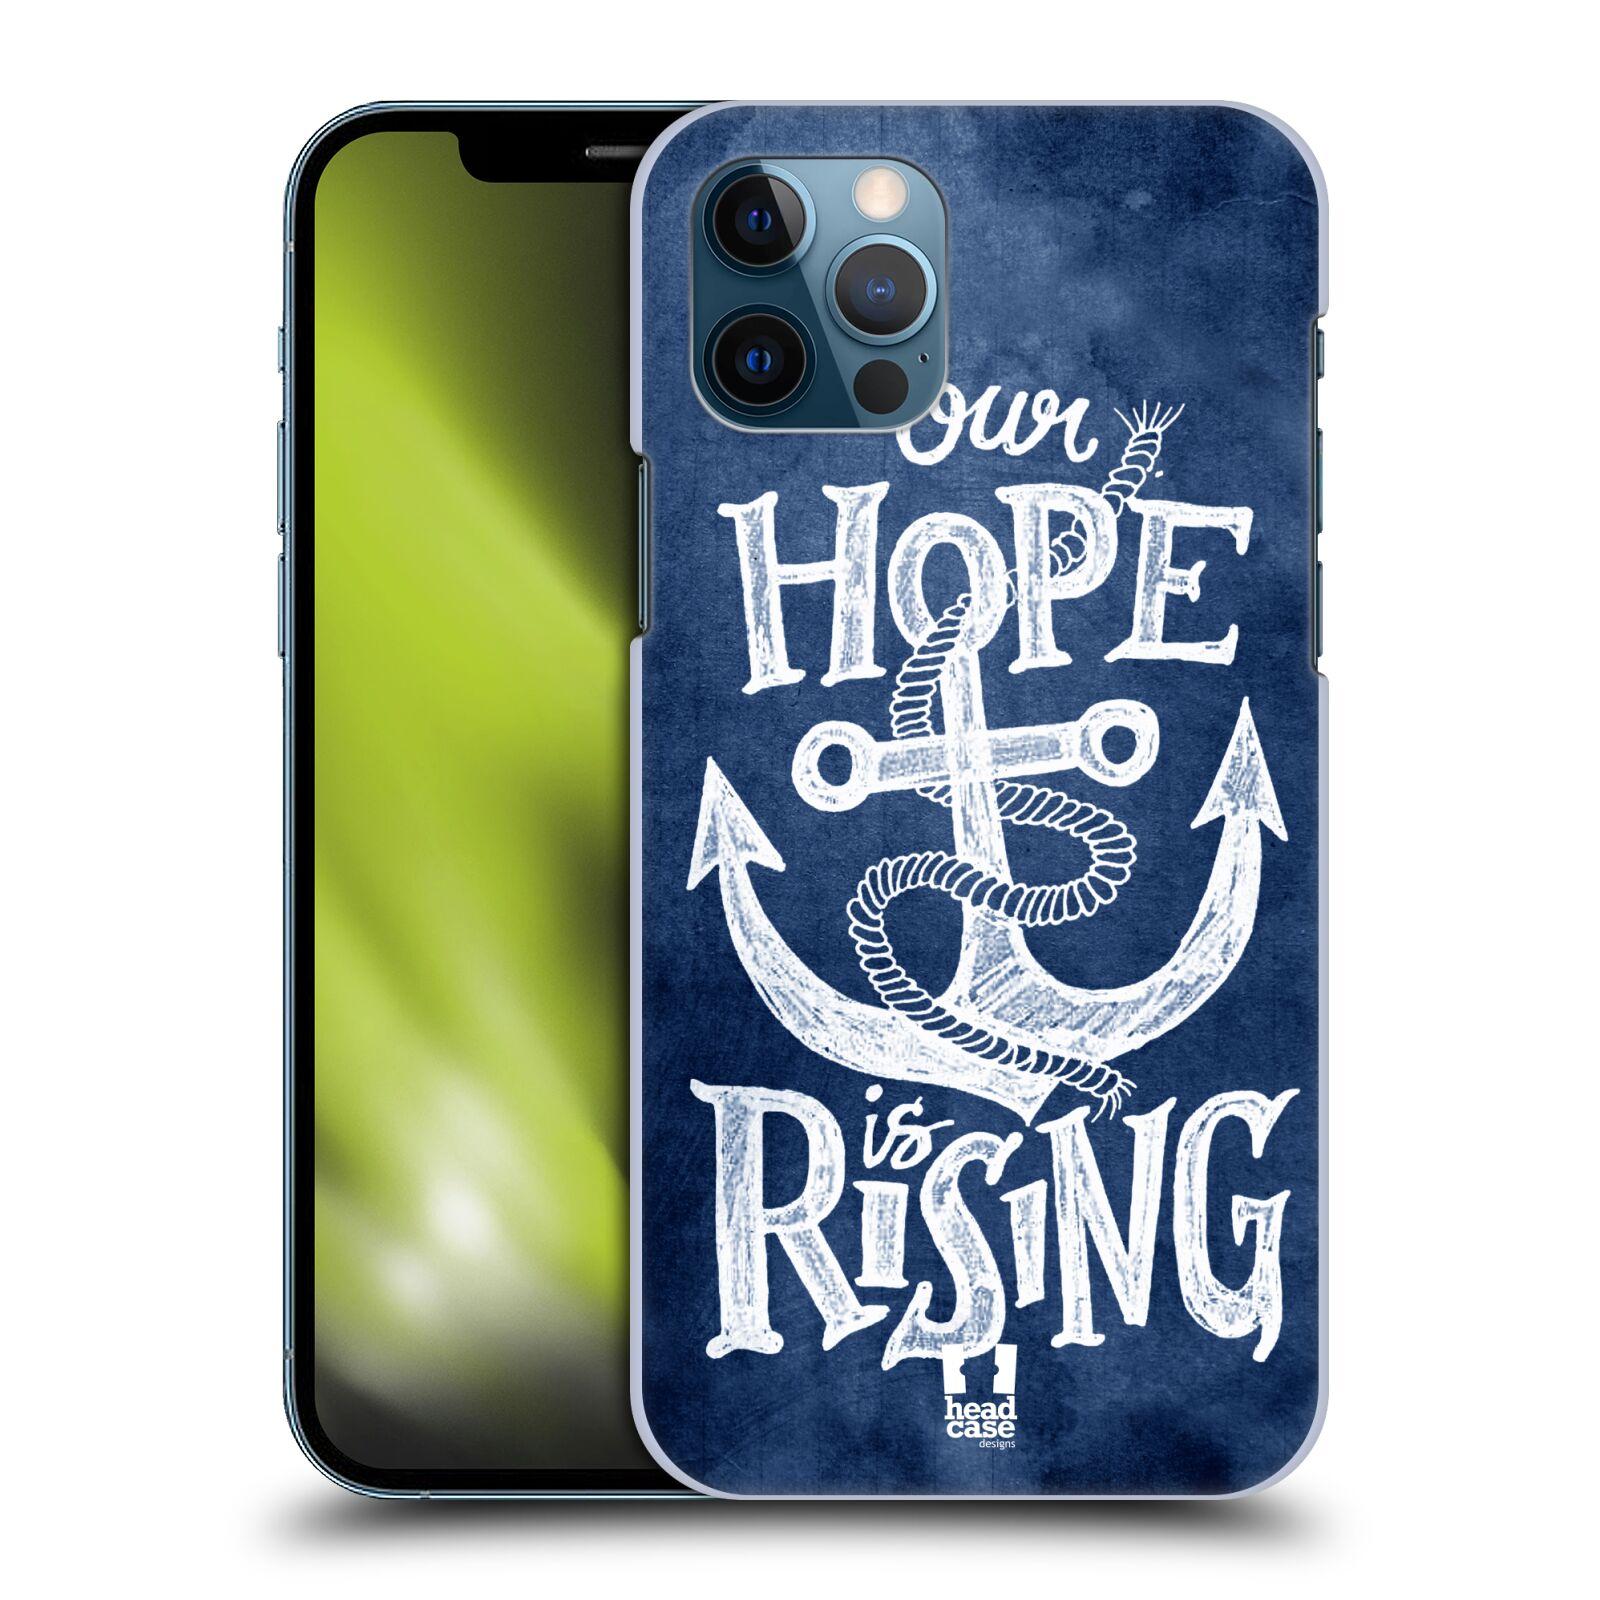 Plastové pouzdro na mobil Apple iPhone 12 / 12 Pro - Head Case - KOTVA RISING